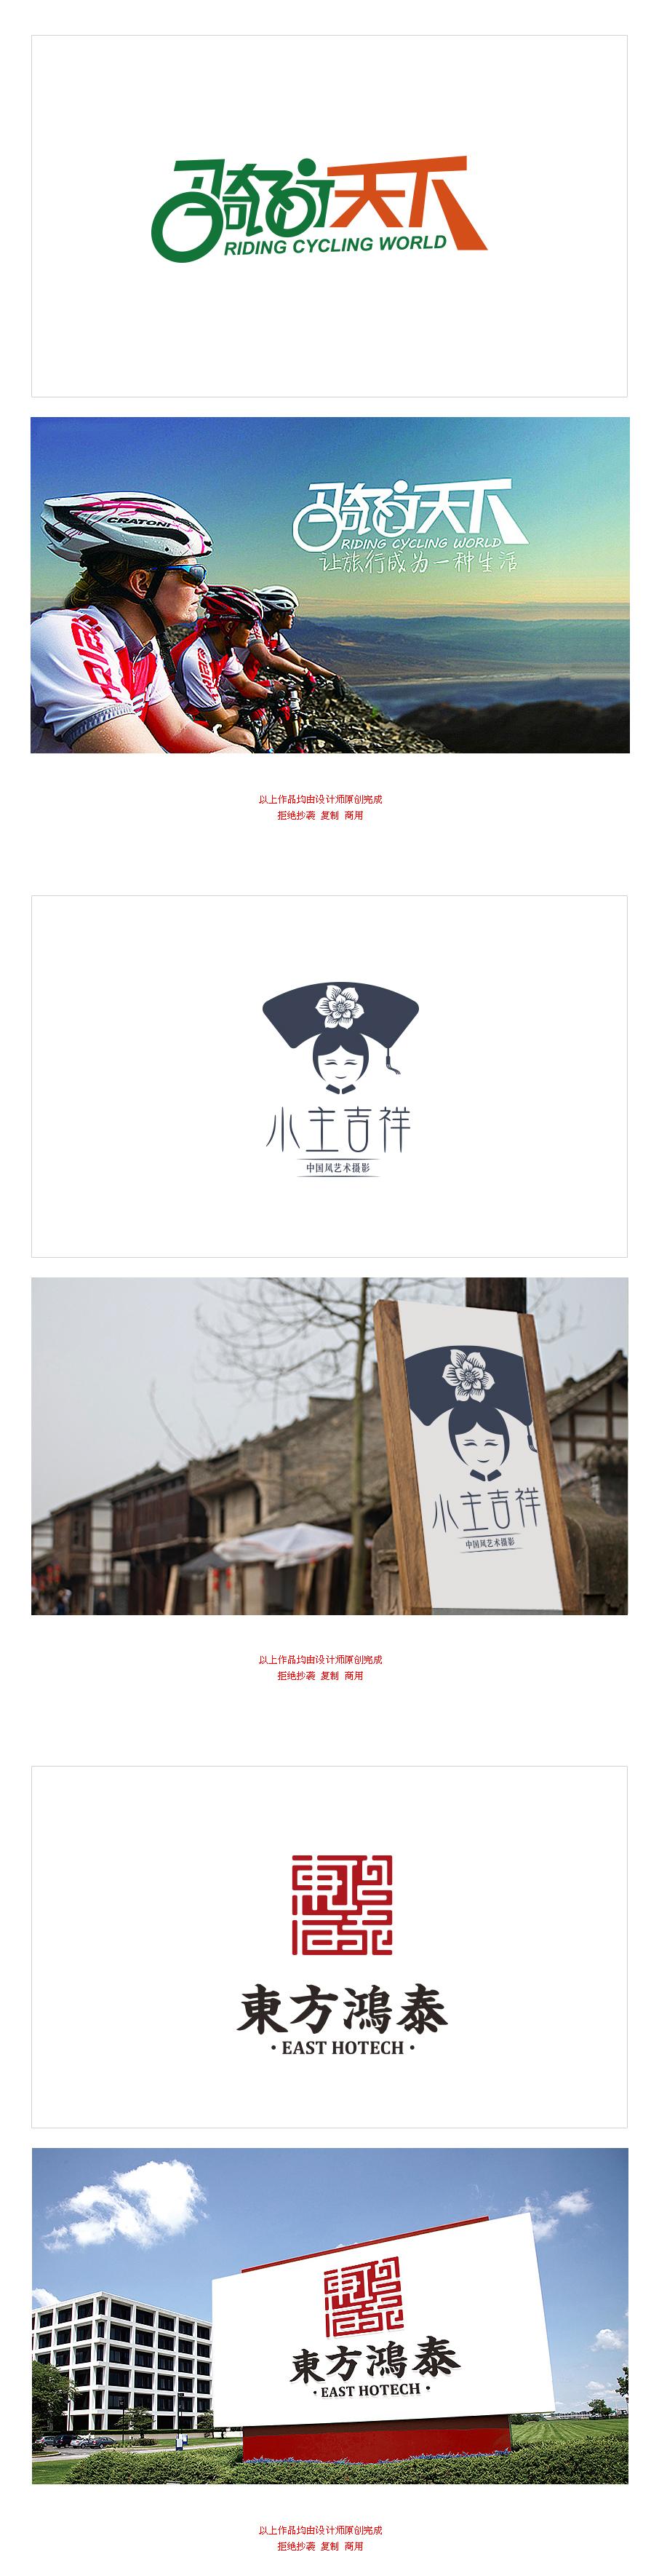 梦之城平台登录_【总监操刀梦之城平台登录标志设计】满意为止 公司品牌 餐饮门店5